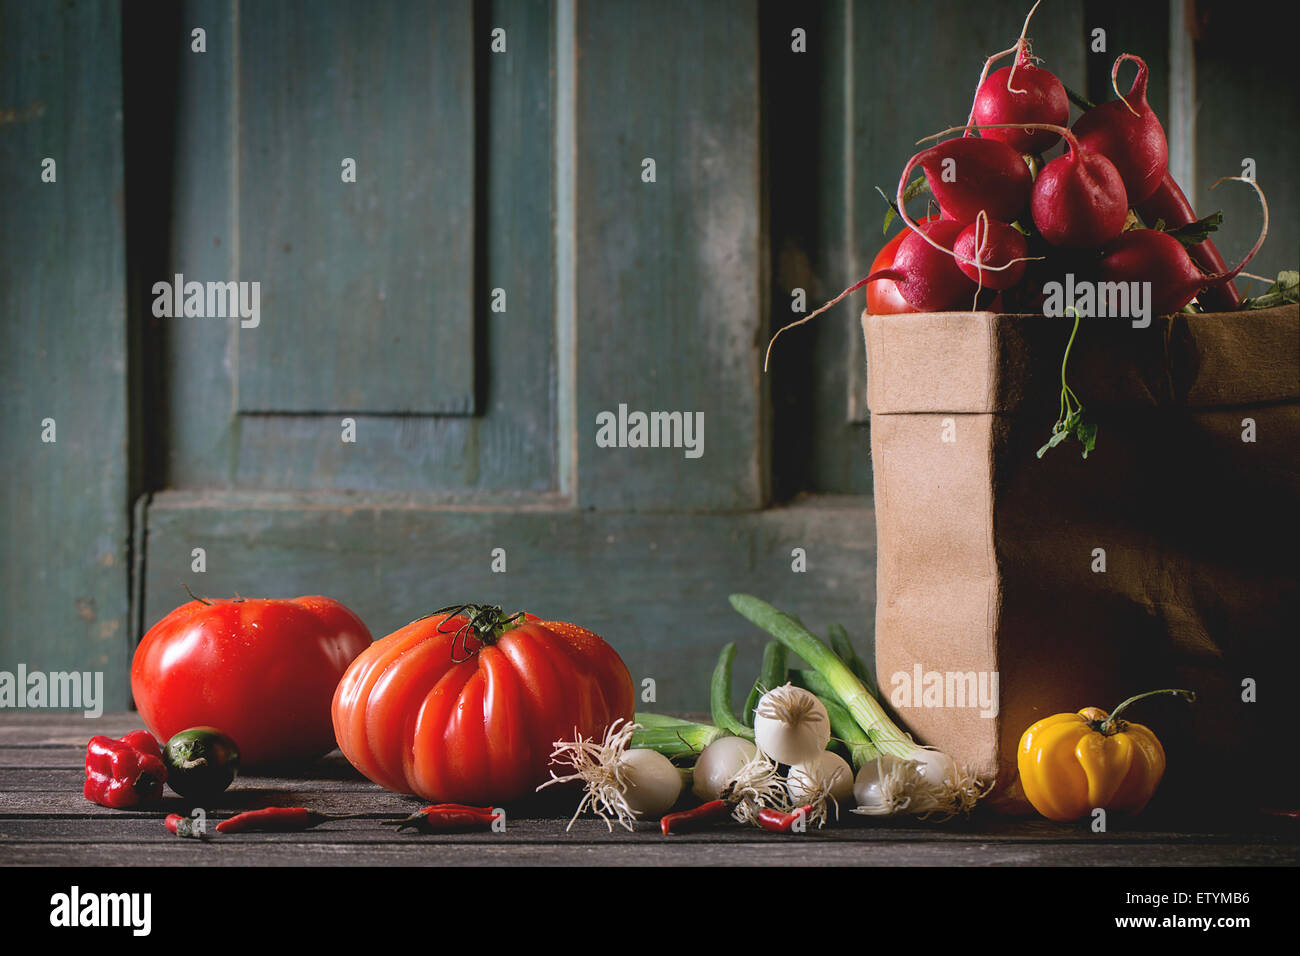 Haufen Von Reif Bunte Frischgemüse Tomaten Chilischoten